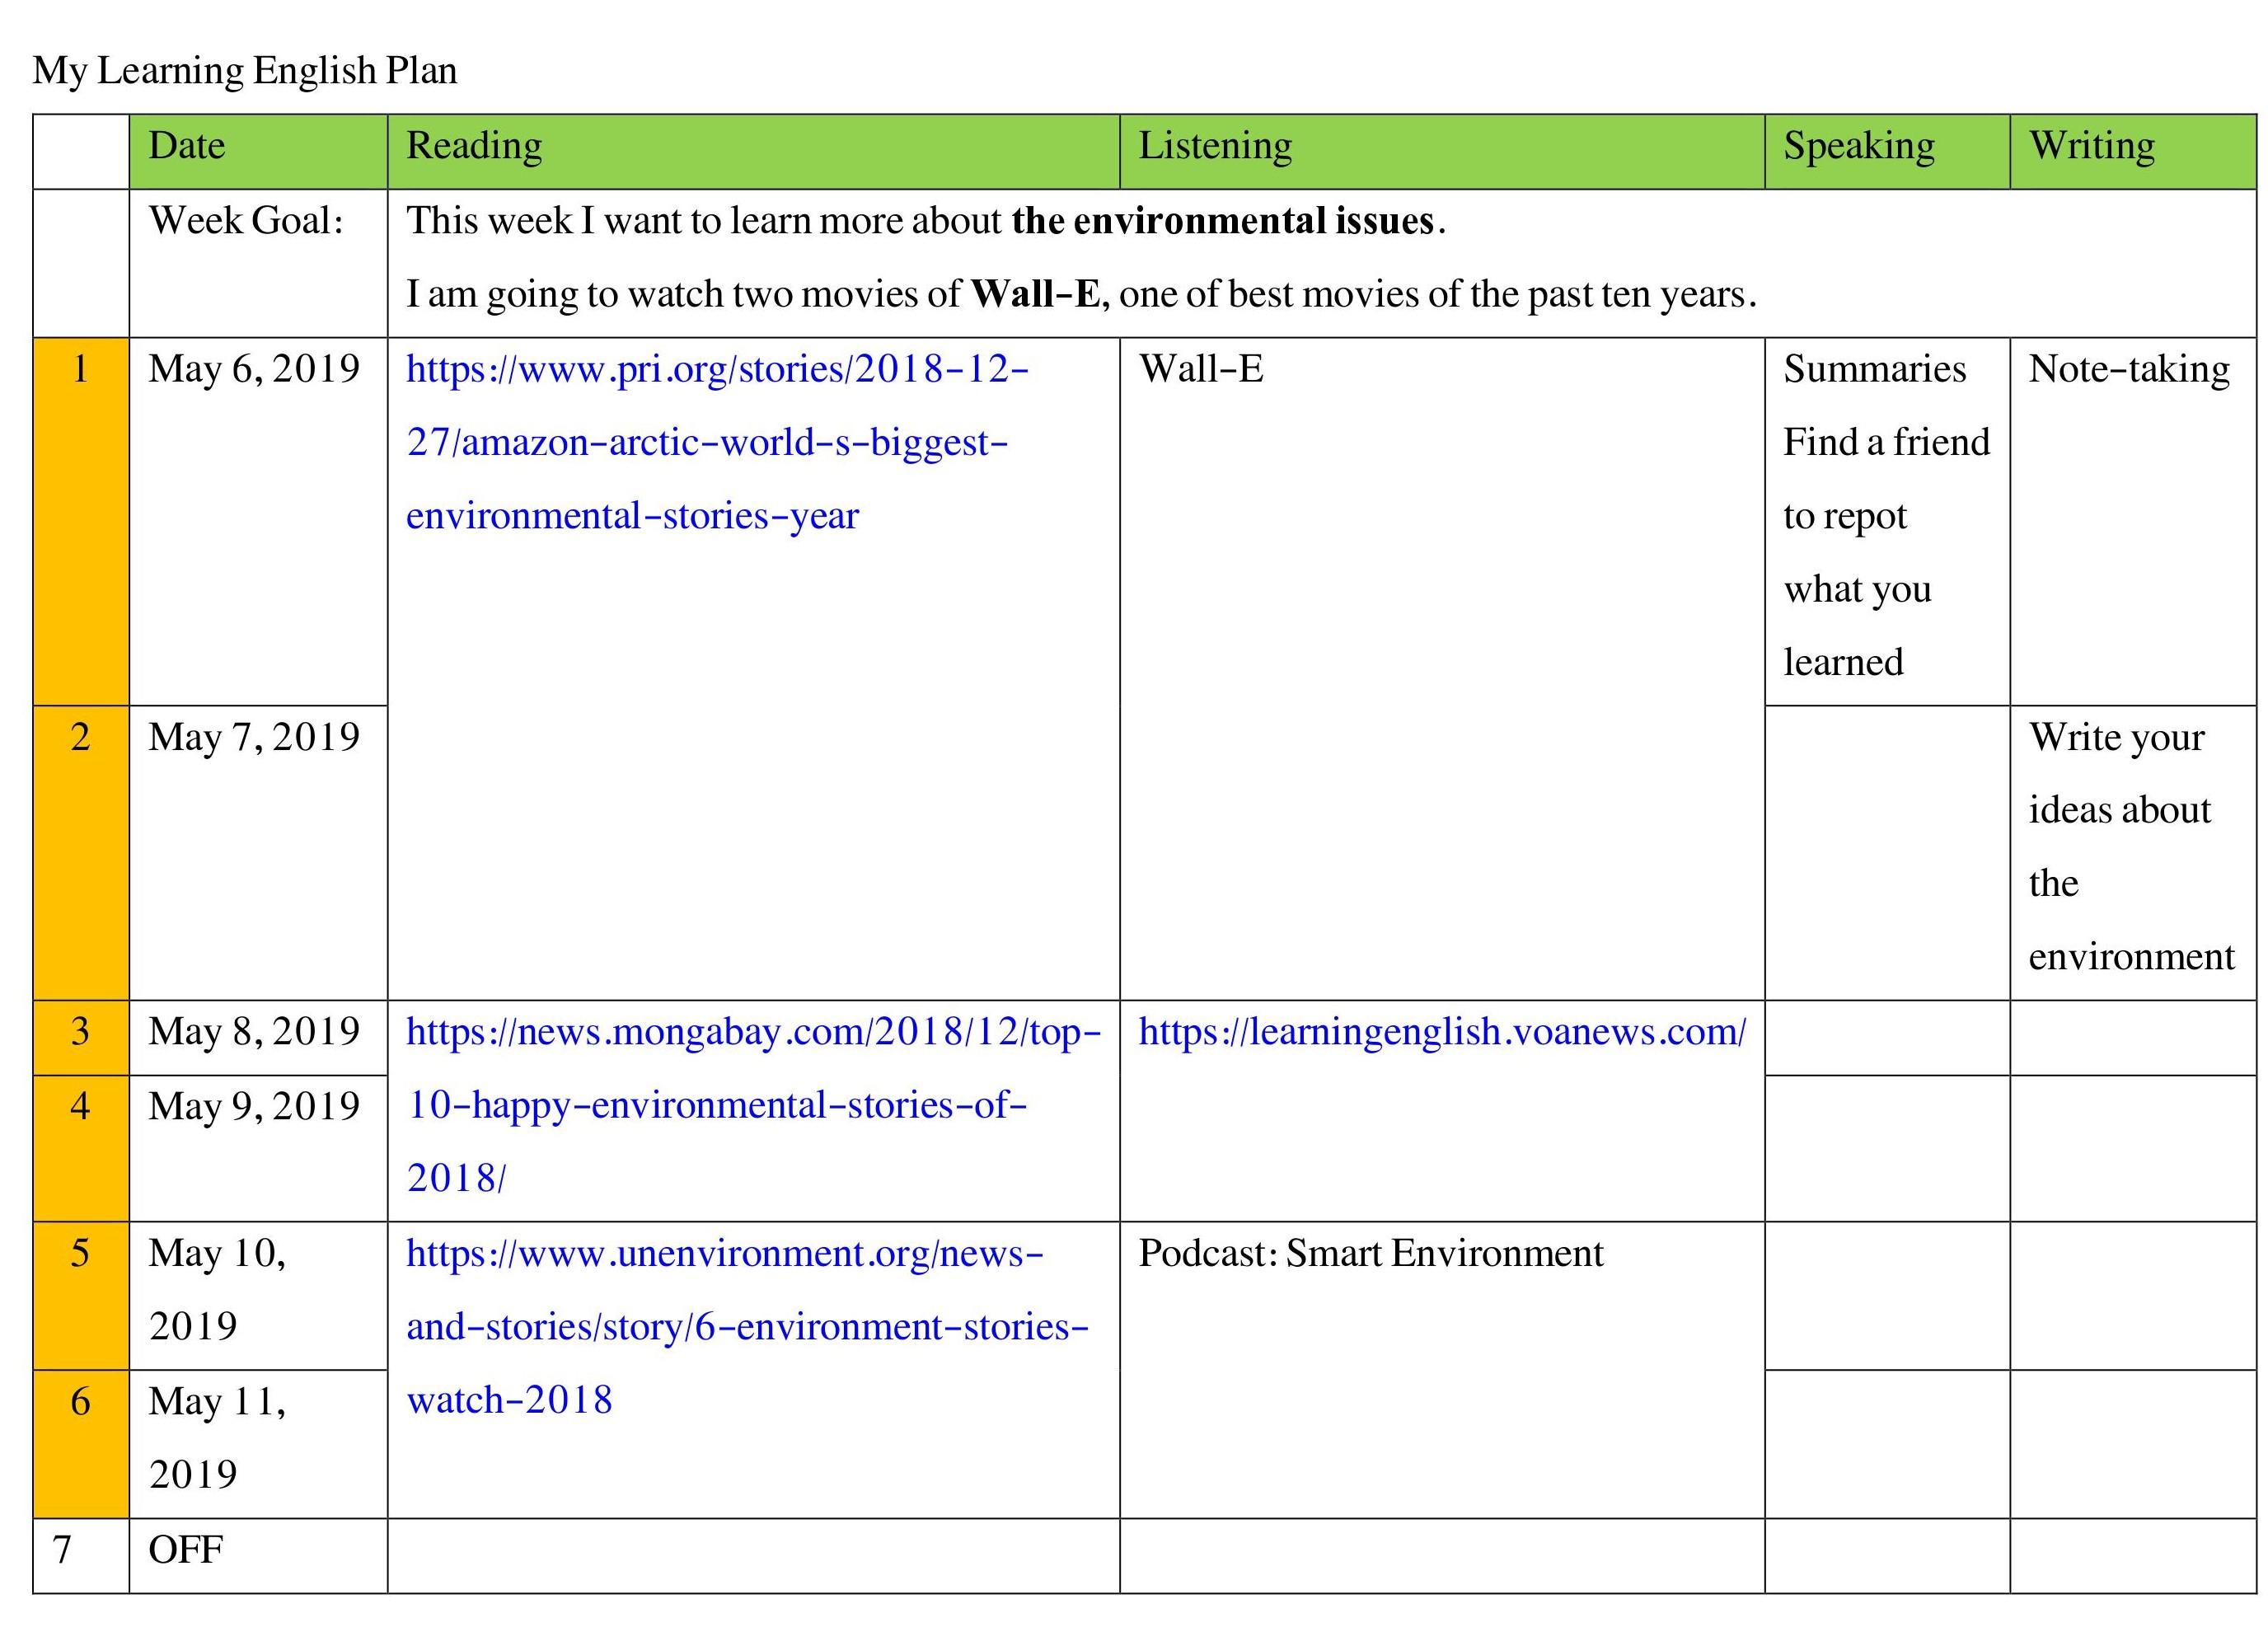 برنامه هفتگی یادگیری زبان در مورد محیط زیست